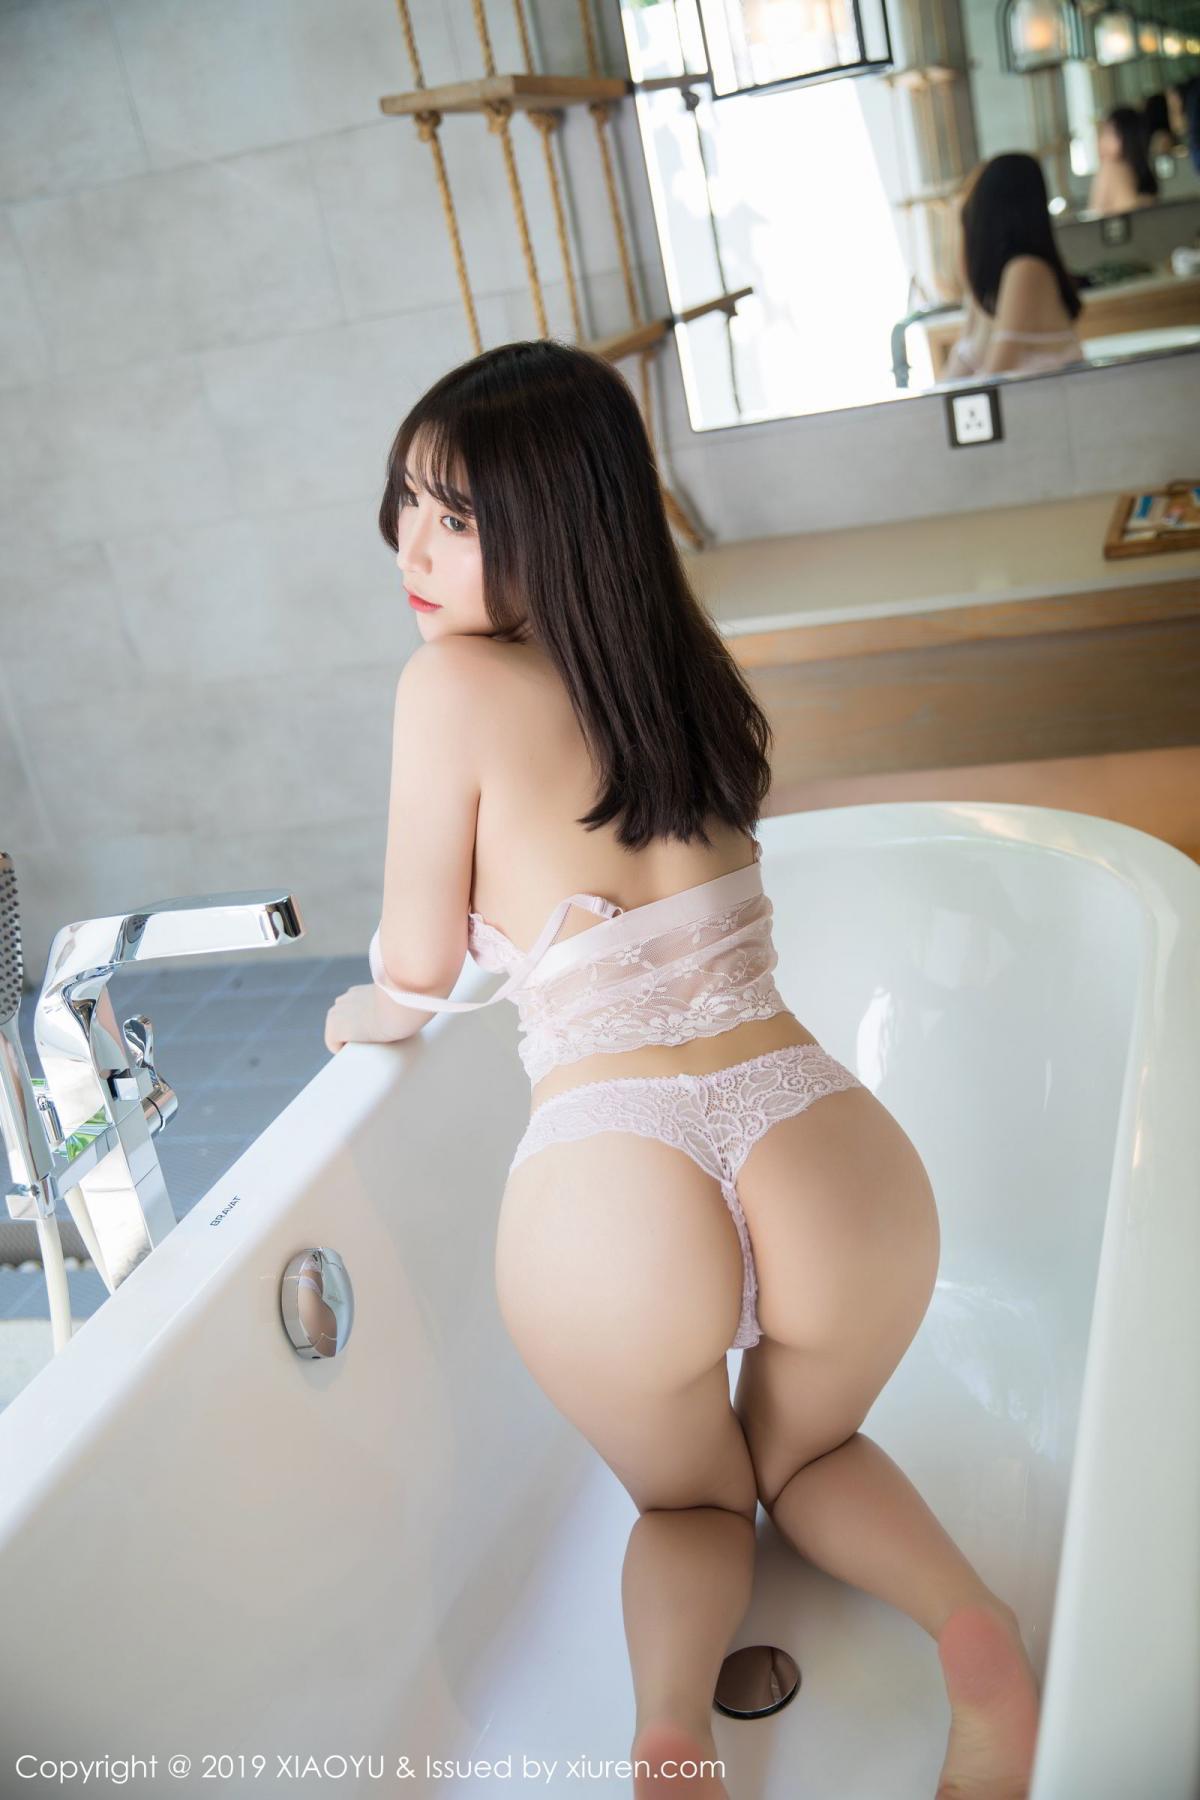 [XiaoYu] Vol.147 Xie Zhi Xin 49P, Bathroom, Big Booty, Wet, XiaoYu, Xie Zhi Xin